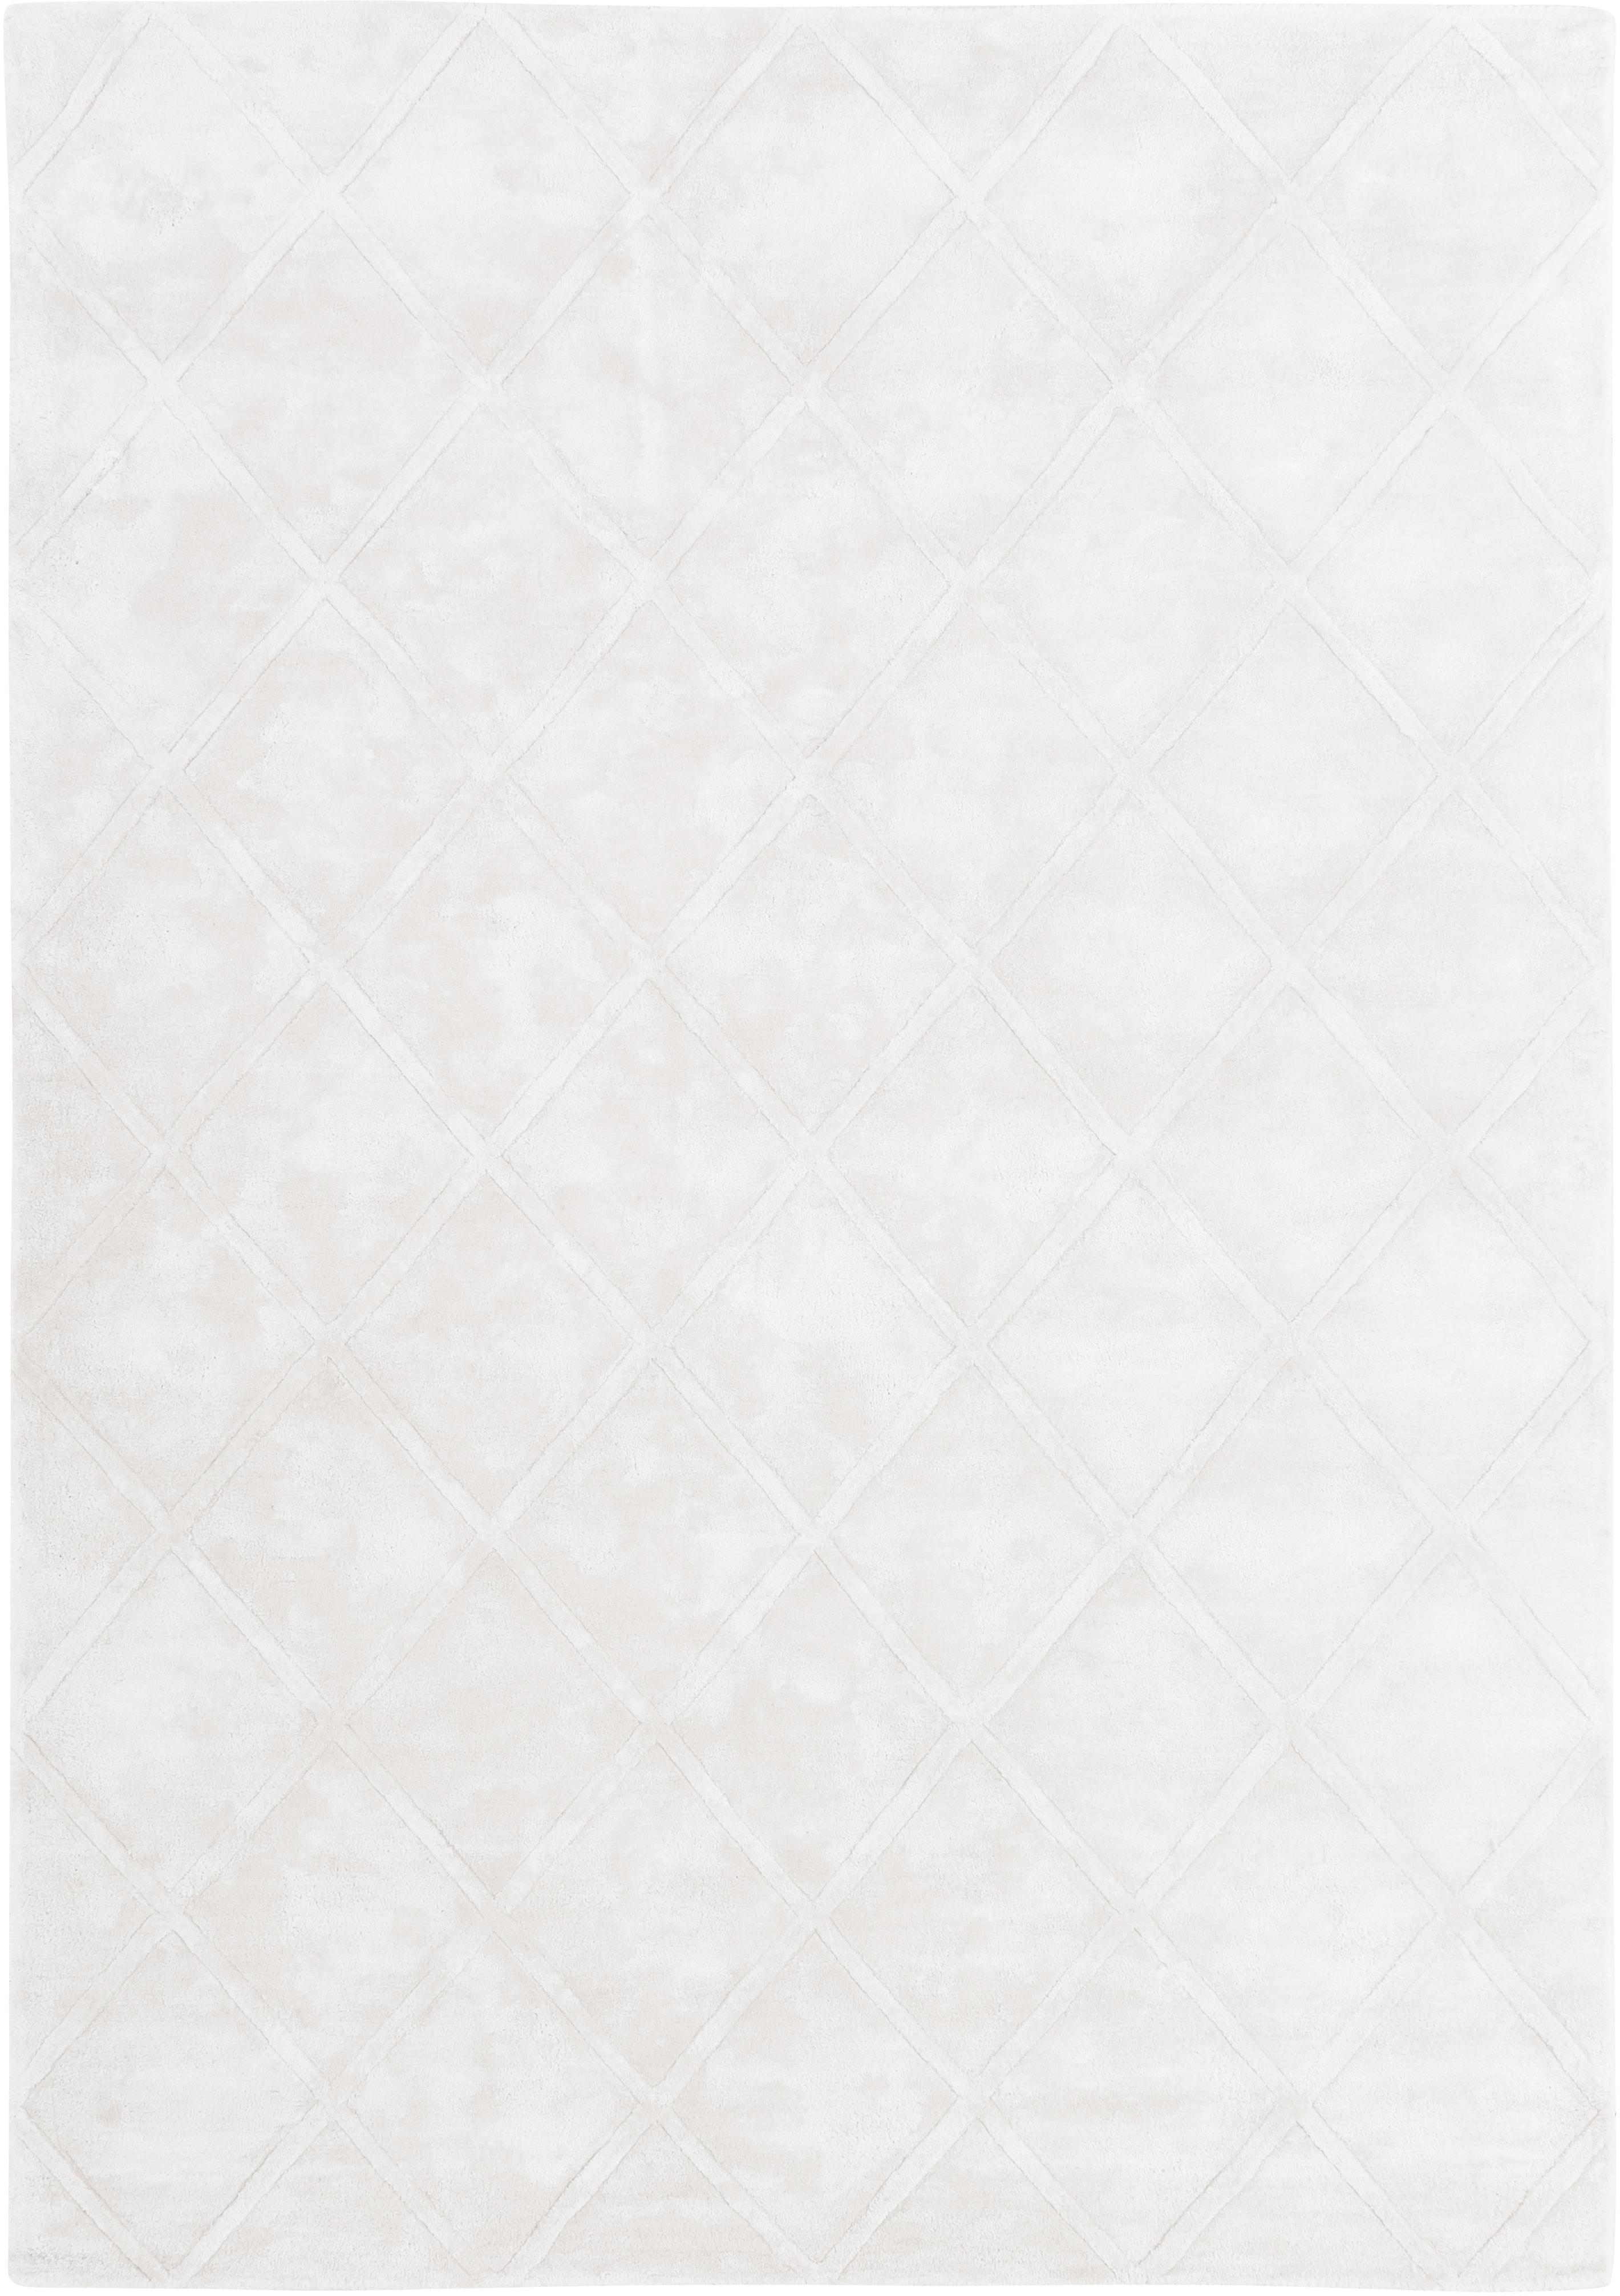 Handgetuft viscose vloerkleed Madeleine, Bovenzijde: 100% viscose, Onderzijde: 100% katoen, Crèmekleurig, 120 x 180 cm